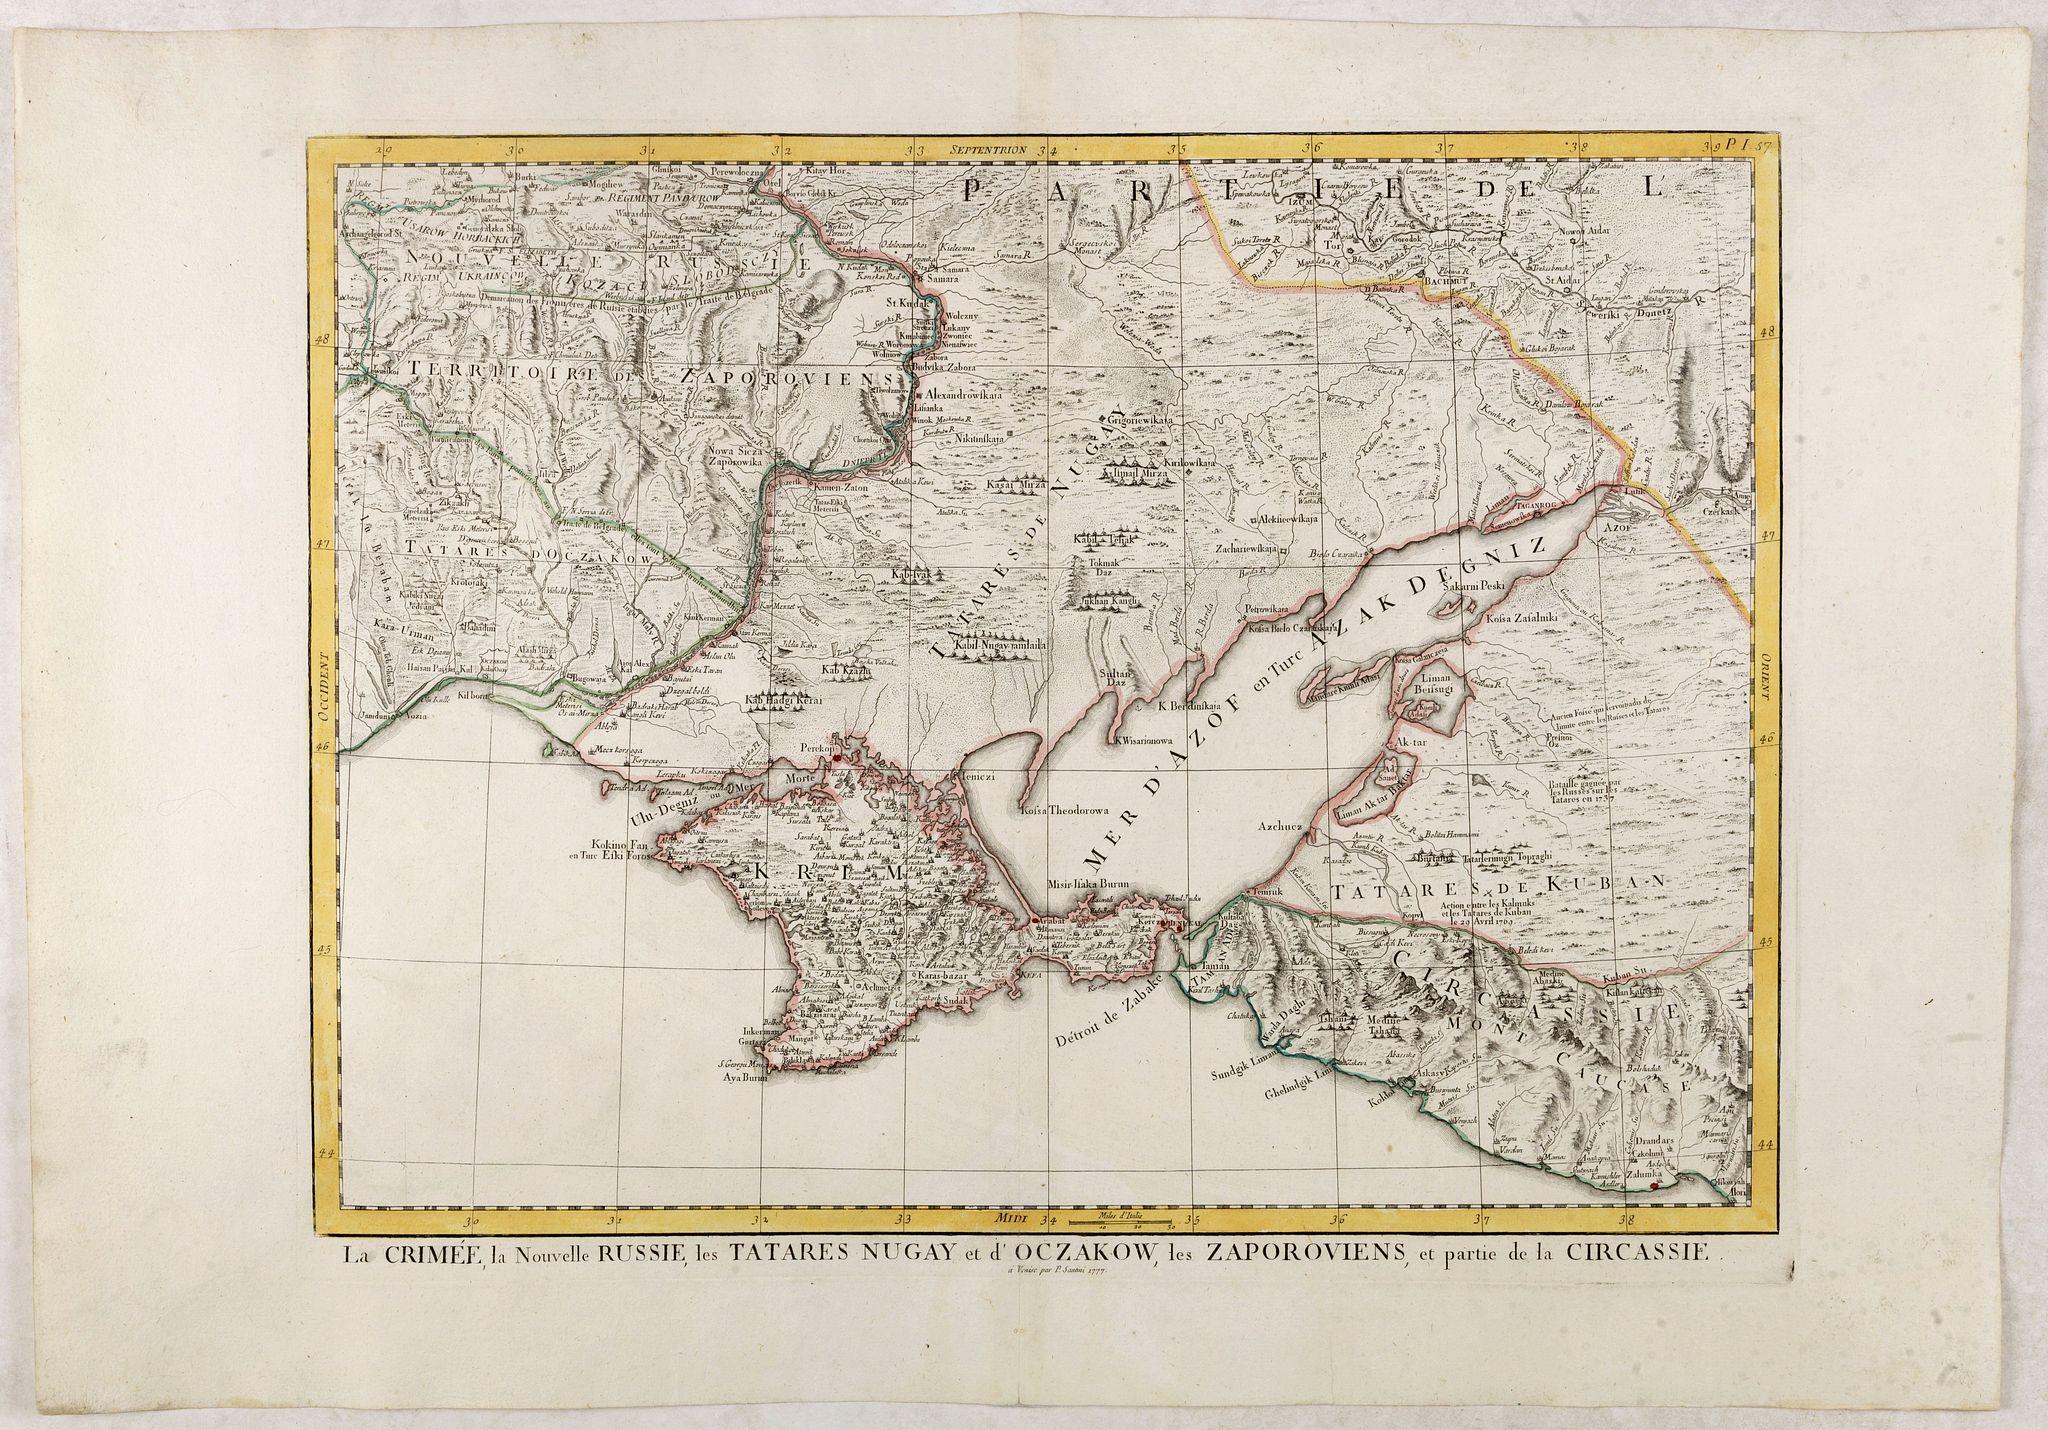 SANTINI, P. / REMONDINI, M. -  La Crimée, la nouvelle Russie, les Tatares Nugay et d'Oczakow…